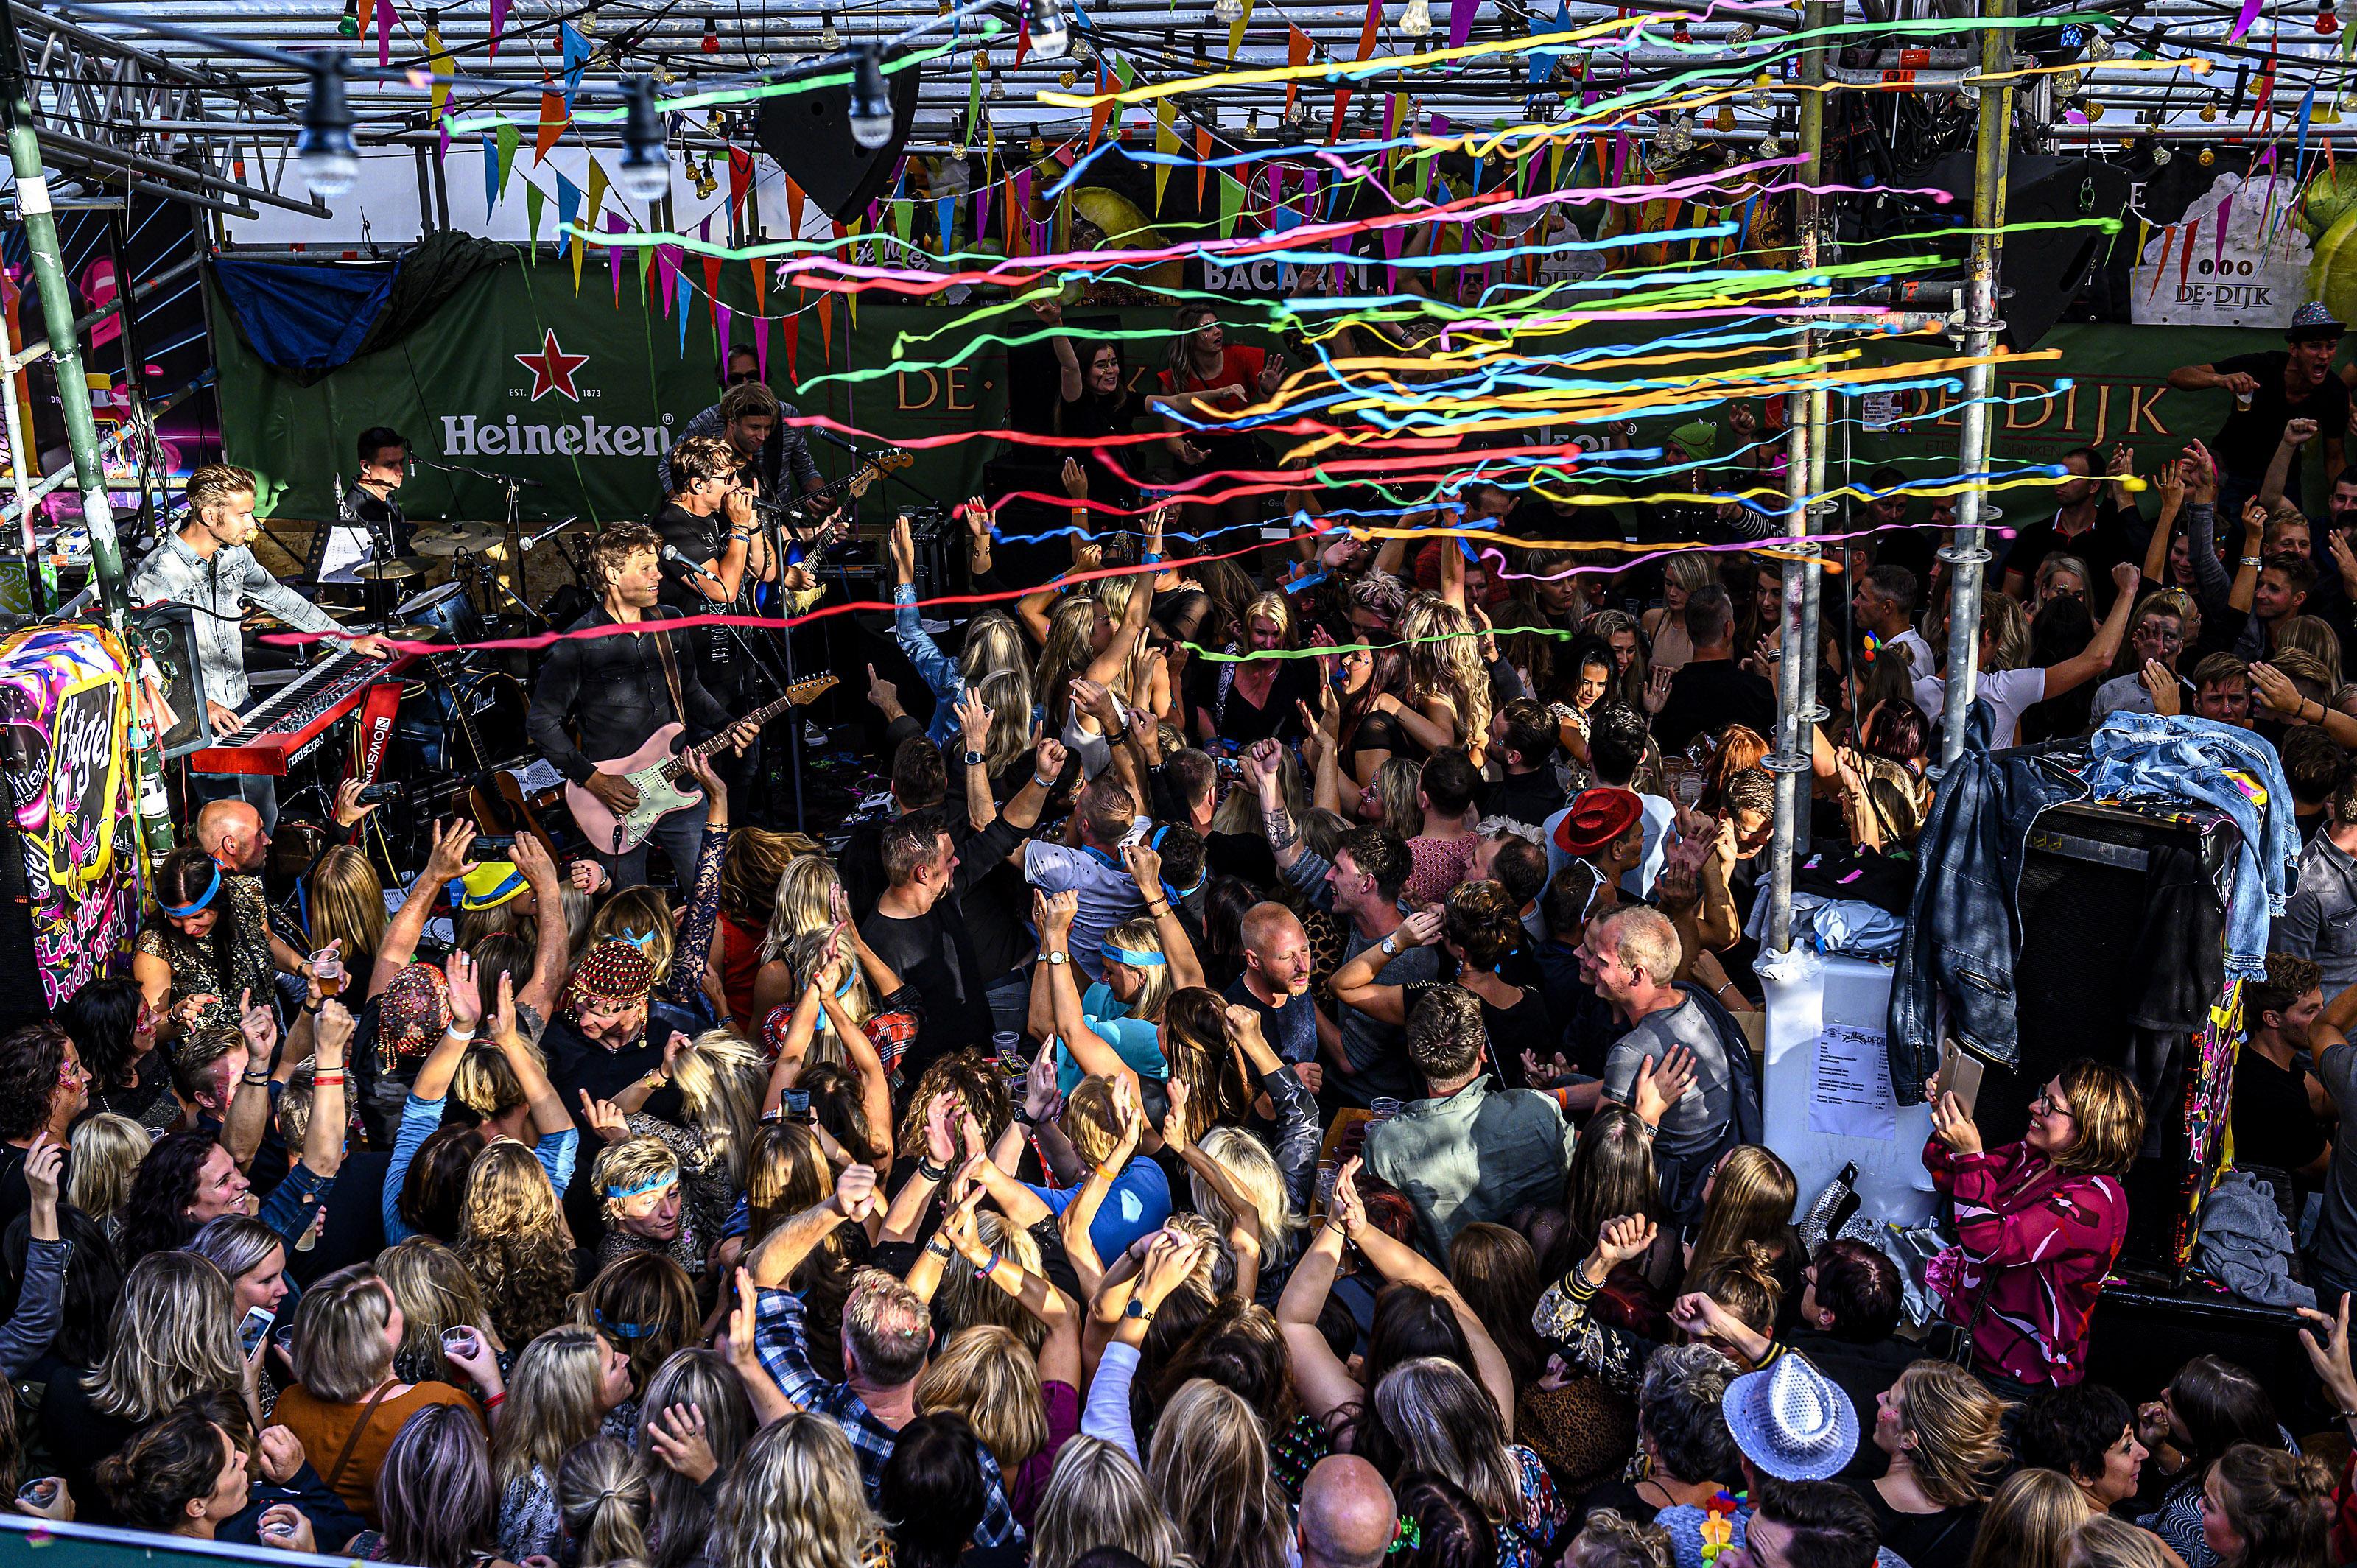 Tegen welke prijs kun je begin september kermis vieren in Volendam? (En vul gelijk de enquête in)